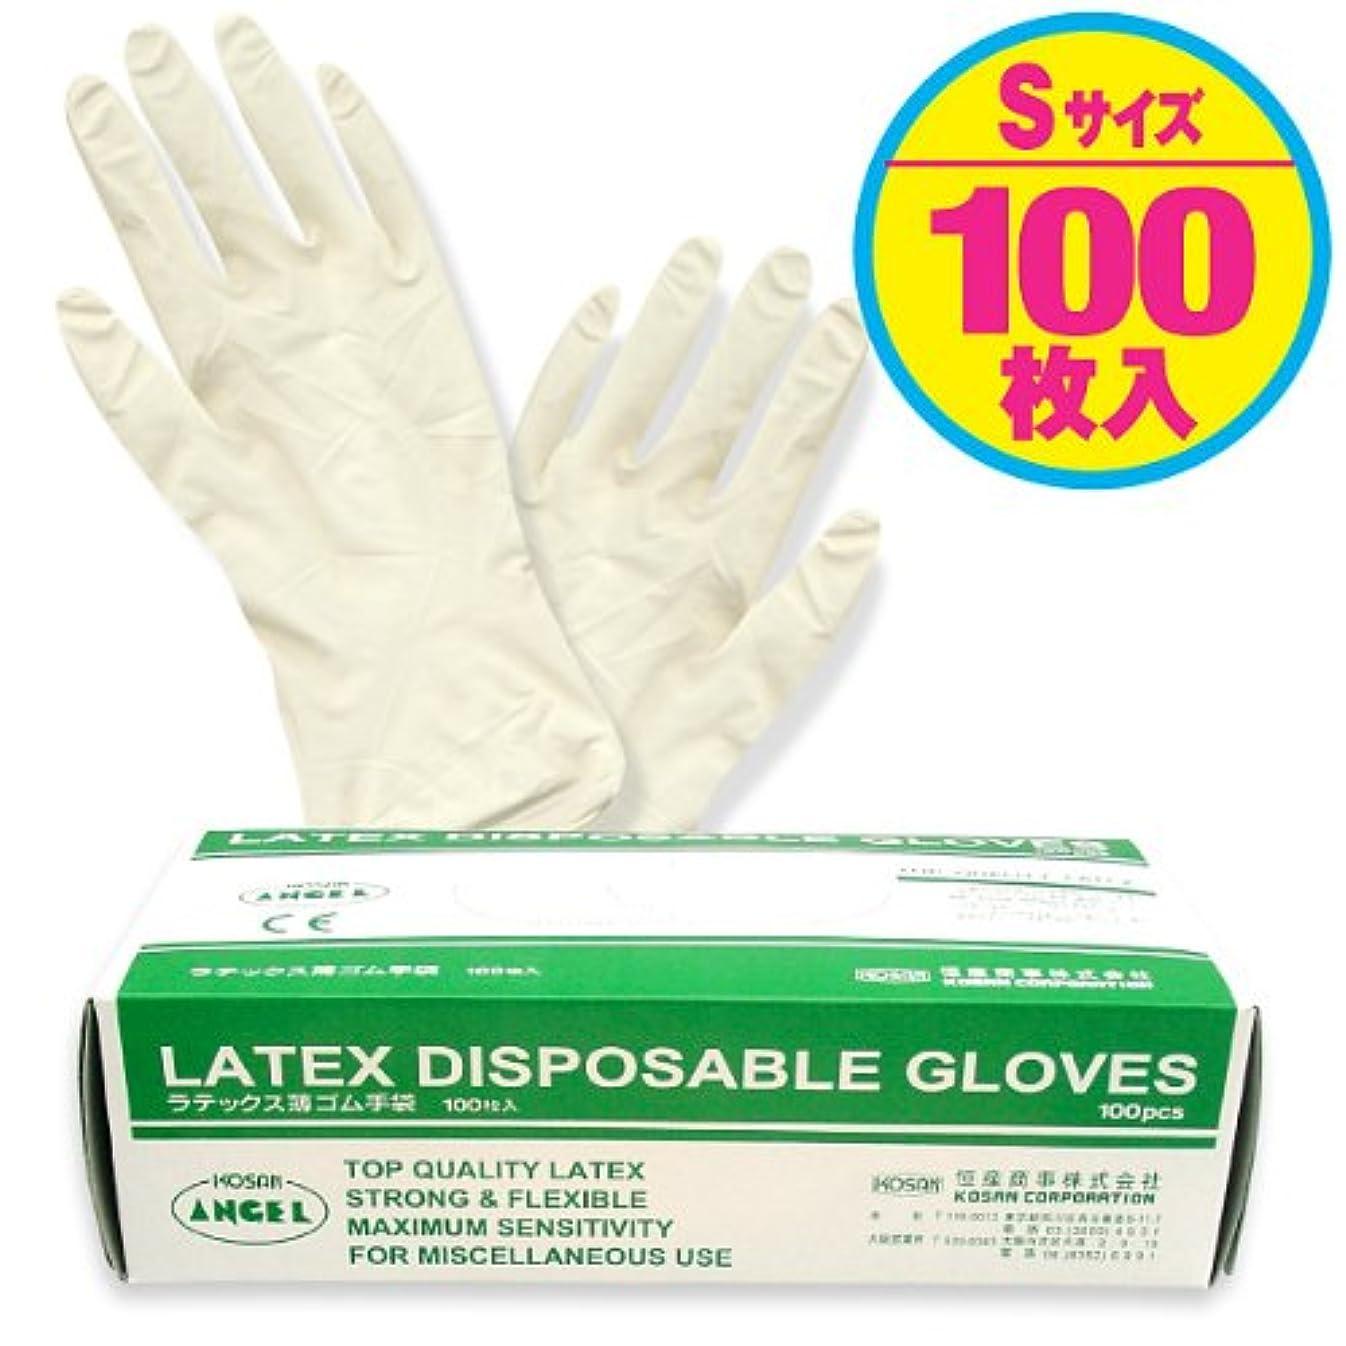 使い捨て【ラテックス手袋/Sサイズ 】 高伸縮性?天然ゴム手袋/パウダーイン 《高品質?医療機関でも使用》